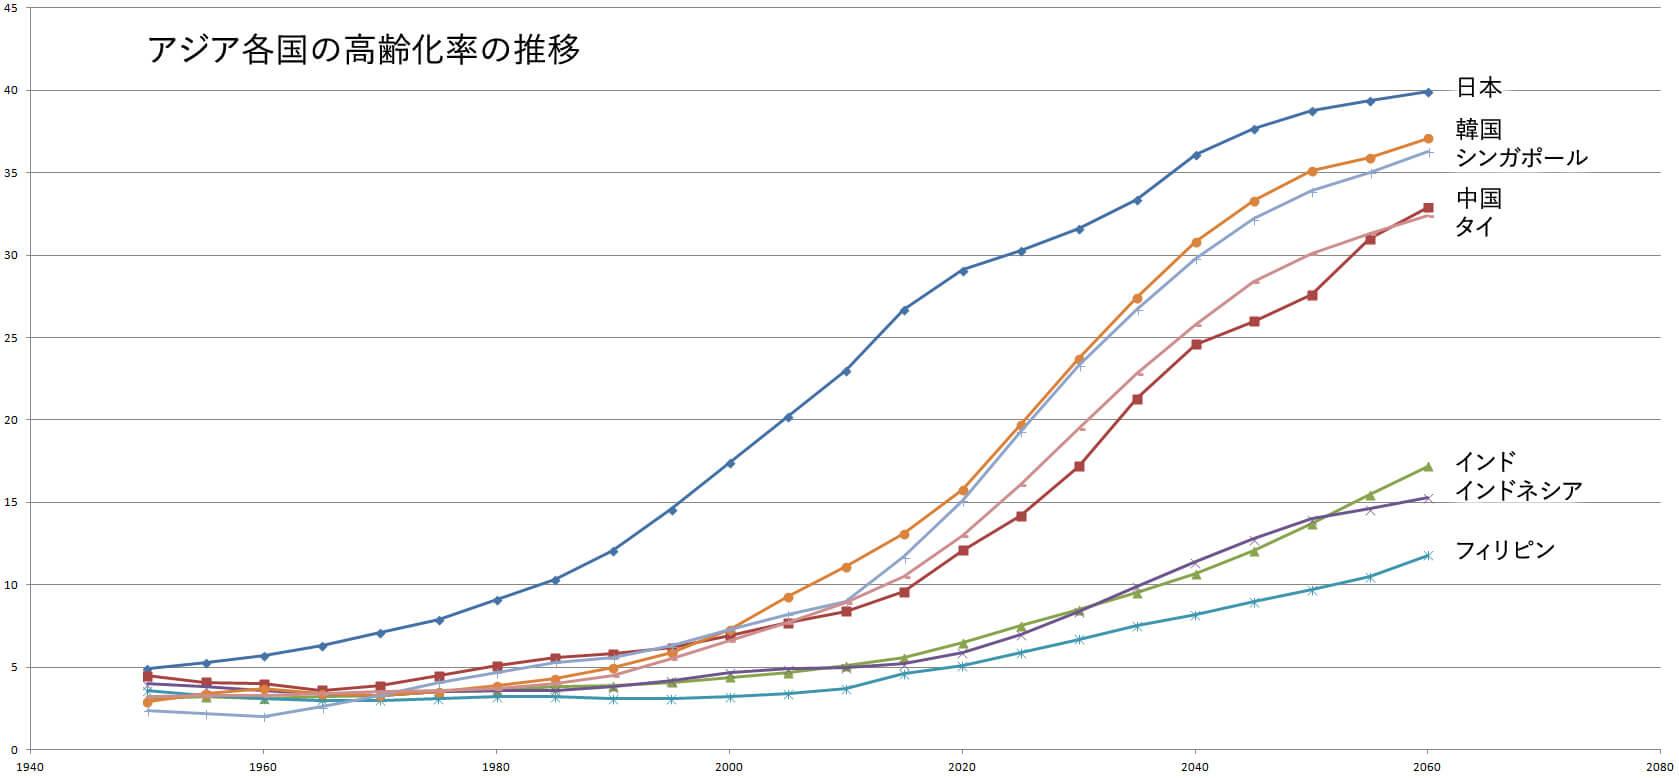 アジア各国の高齢化率の推移